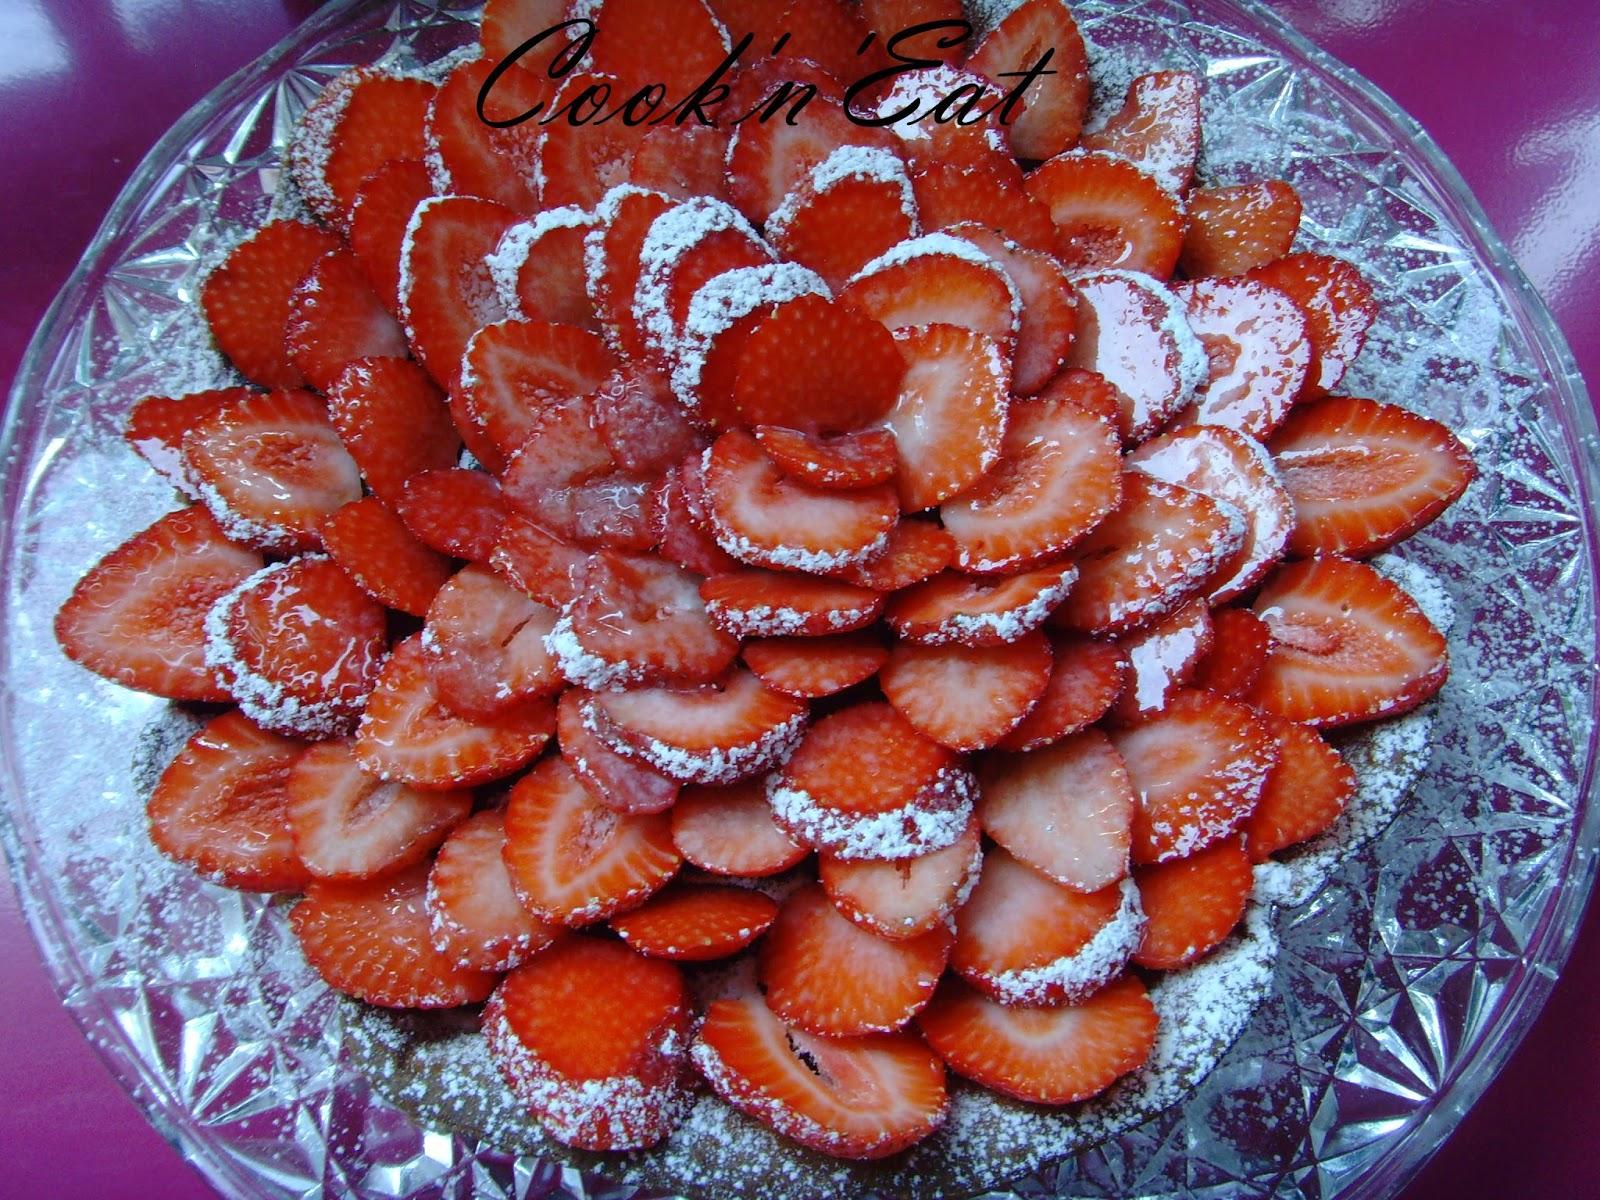 Recette de tarte aux fraises et chocolat blogs de cuisine - Recette tarte aux chocolat ...